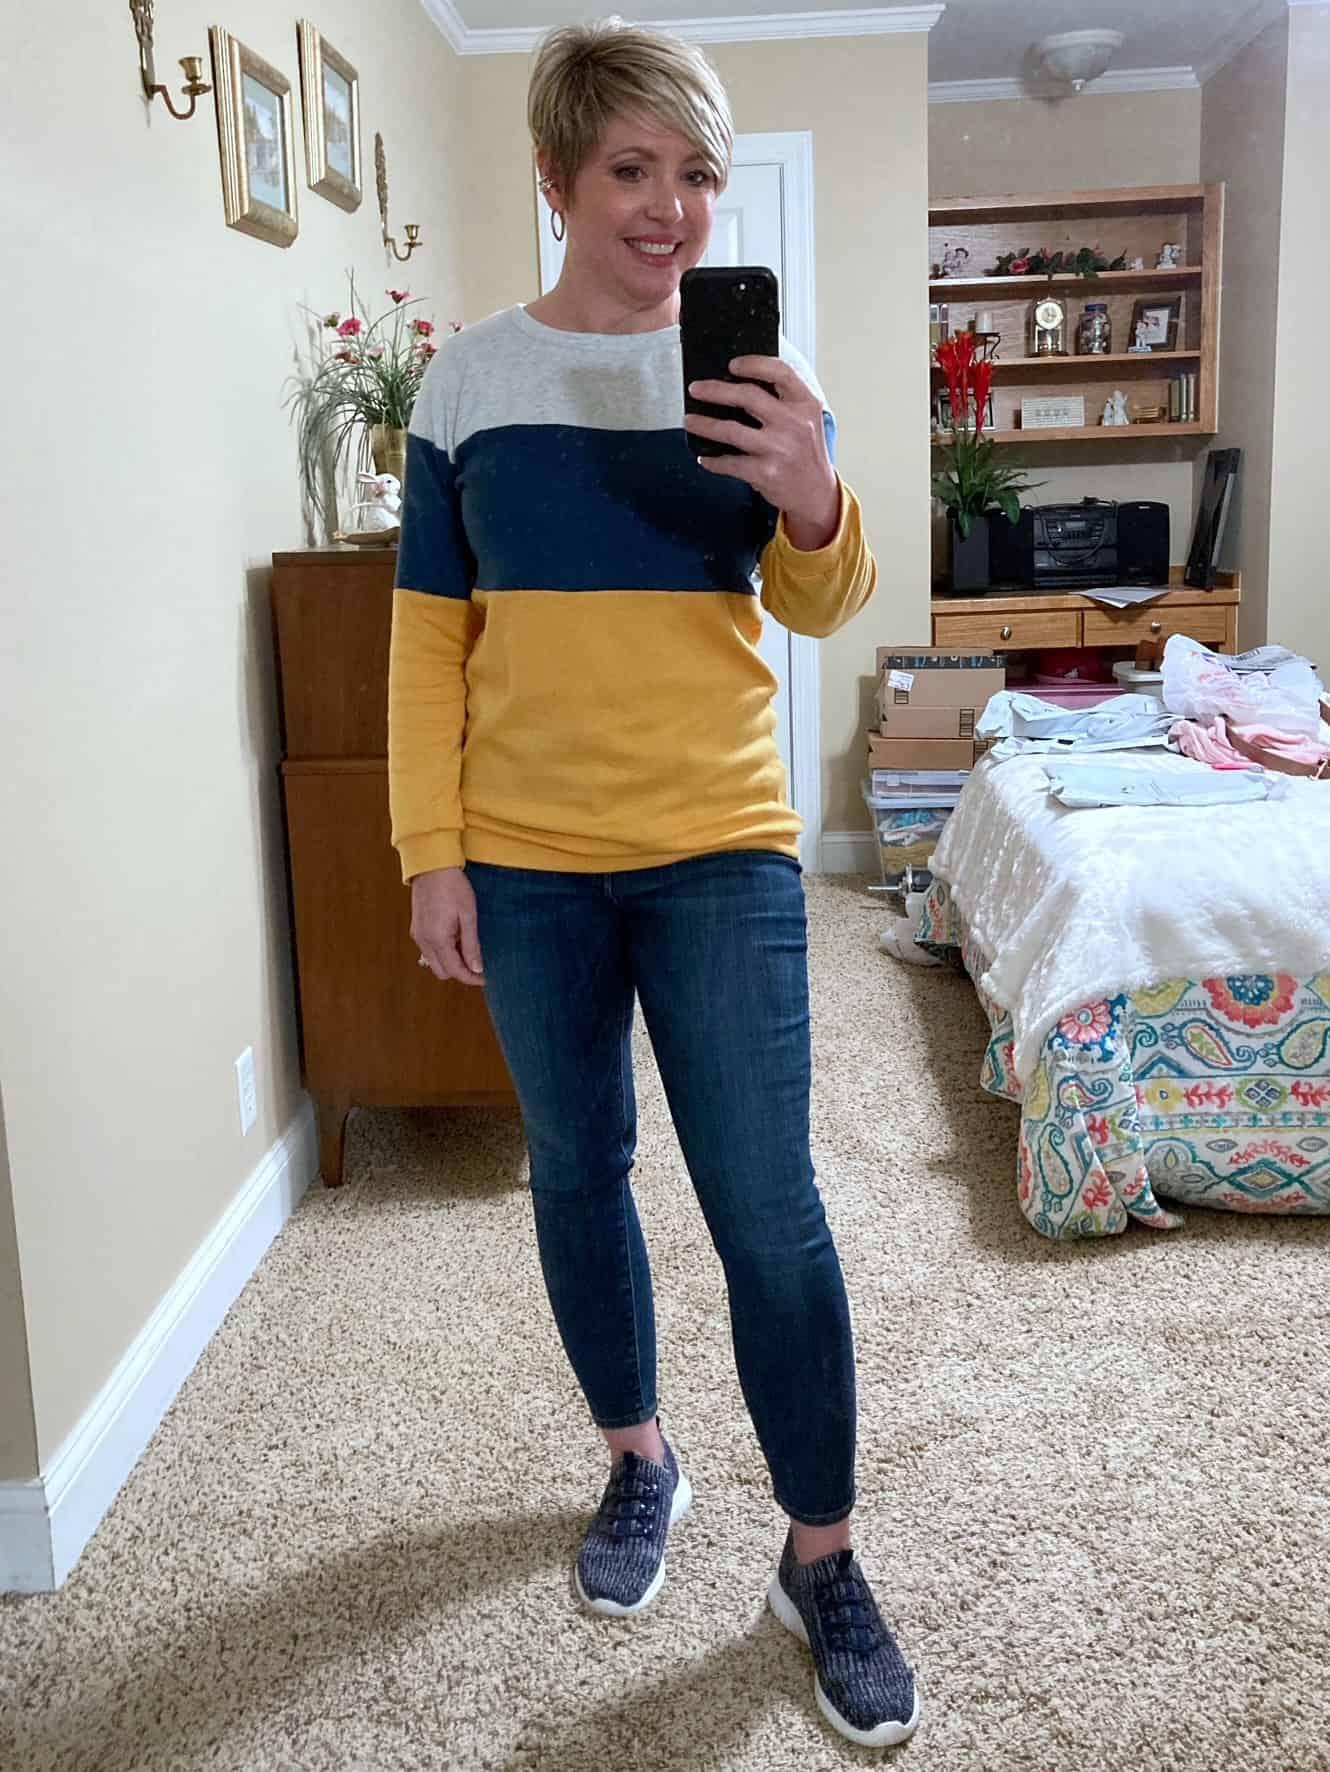 colorblock sweatshirt with sneakers